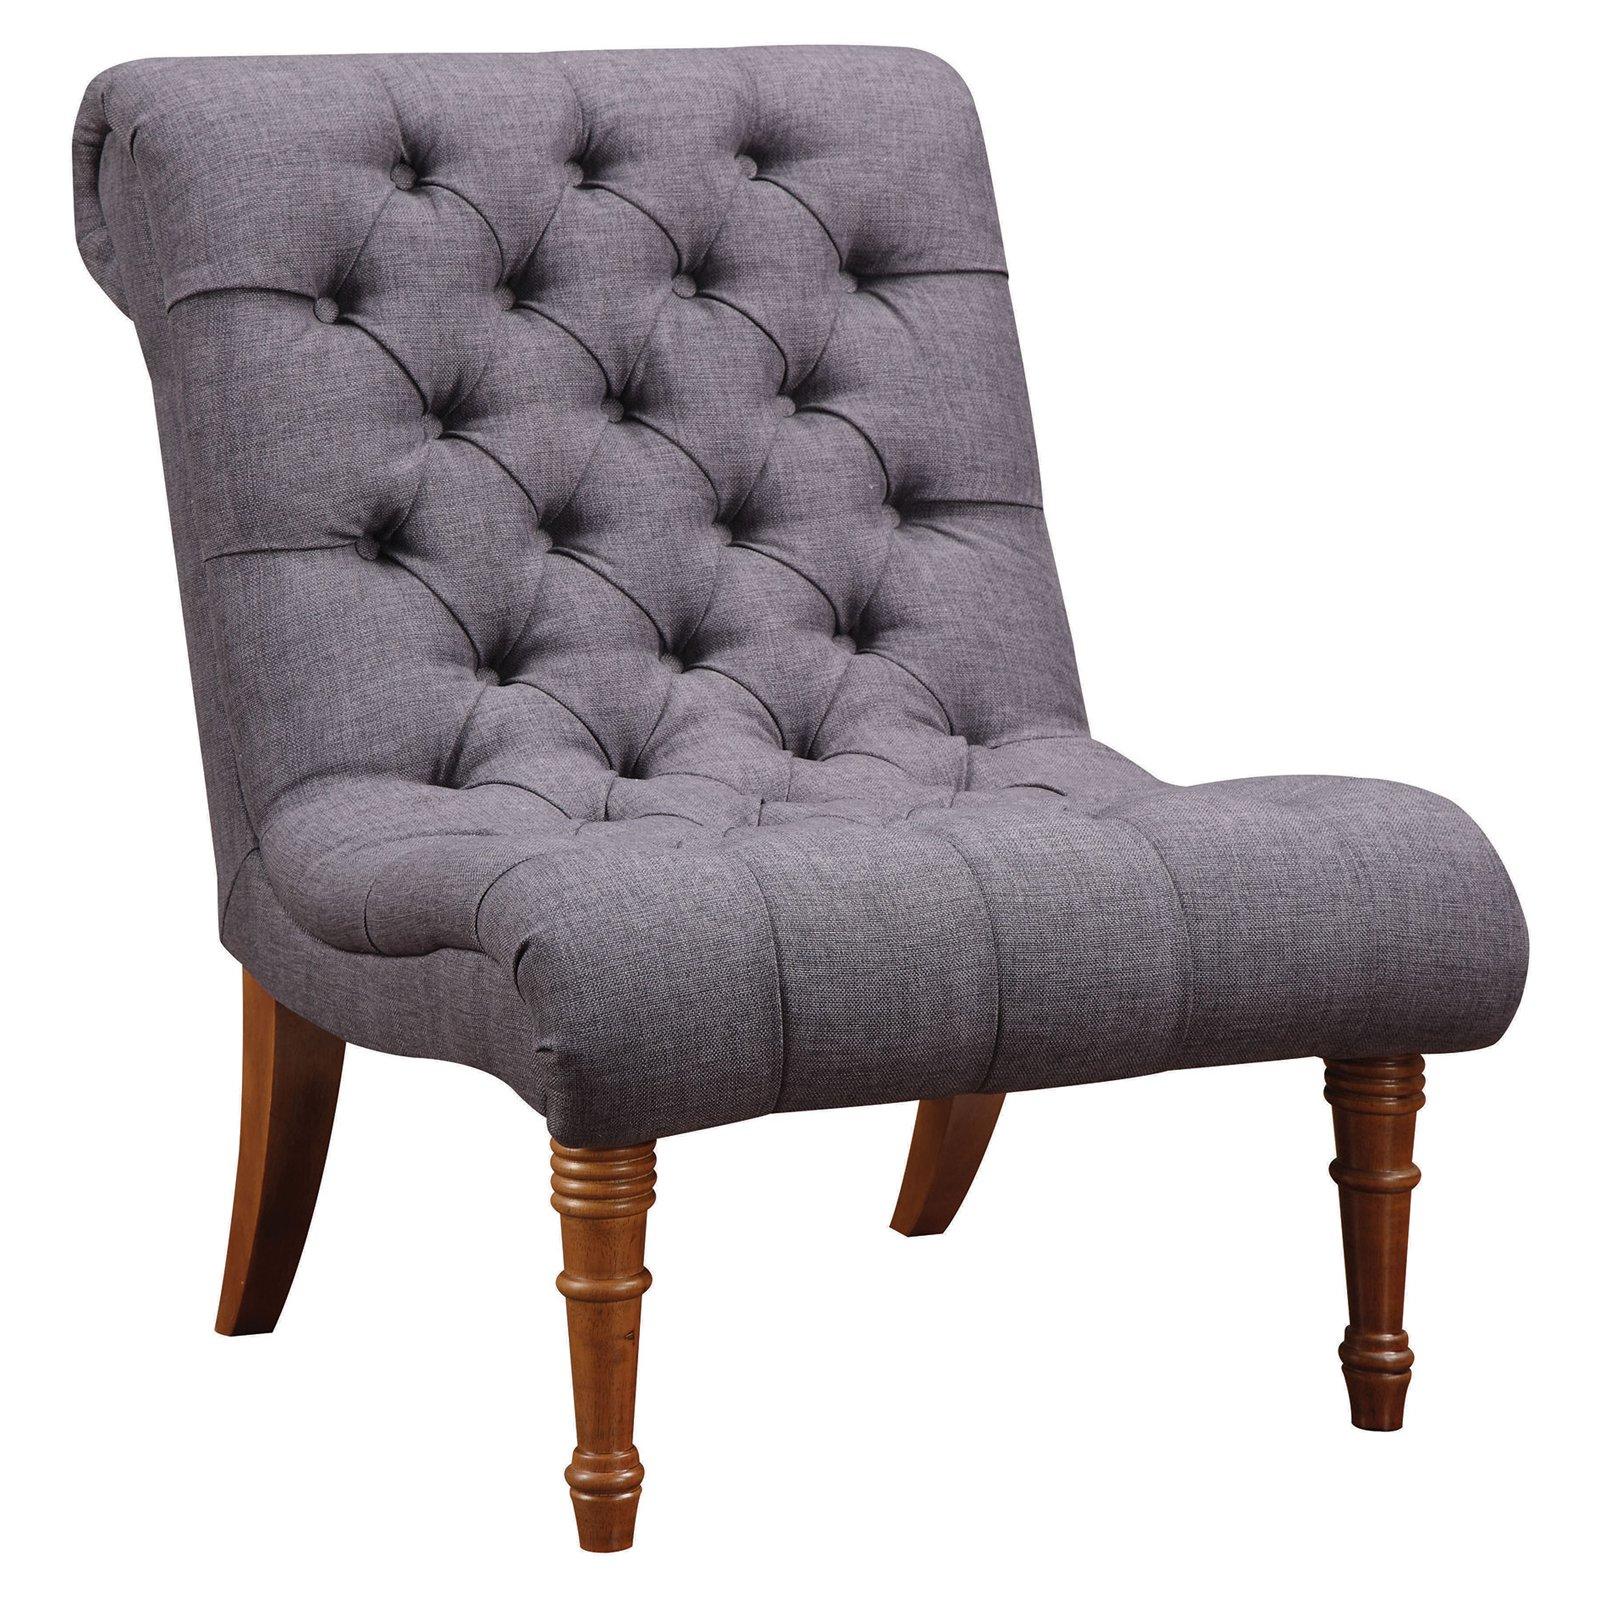 Coaster Furniture Duarte Accent Chair